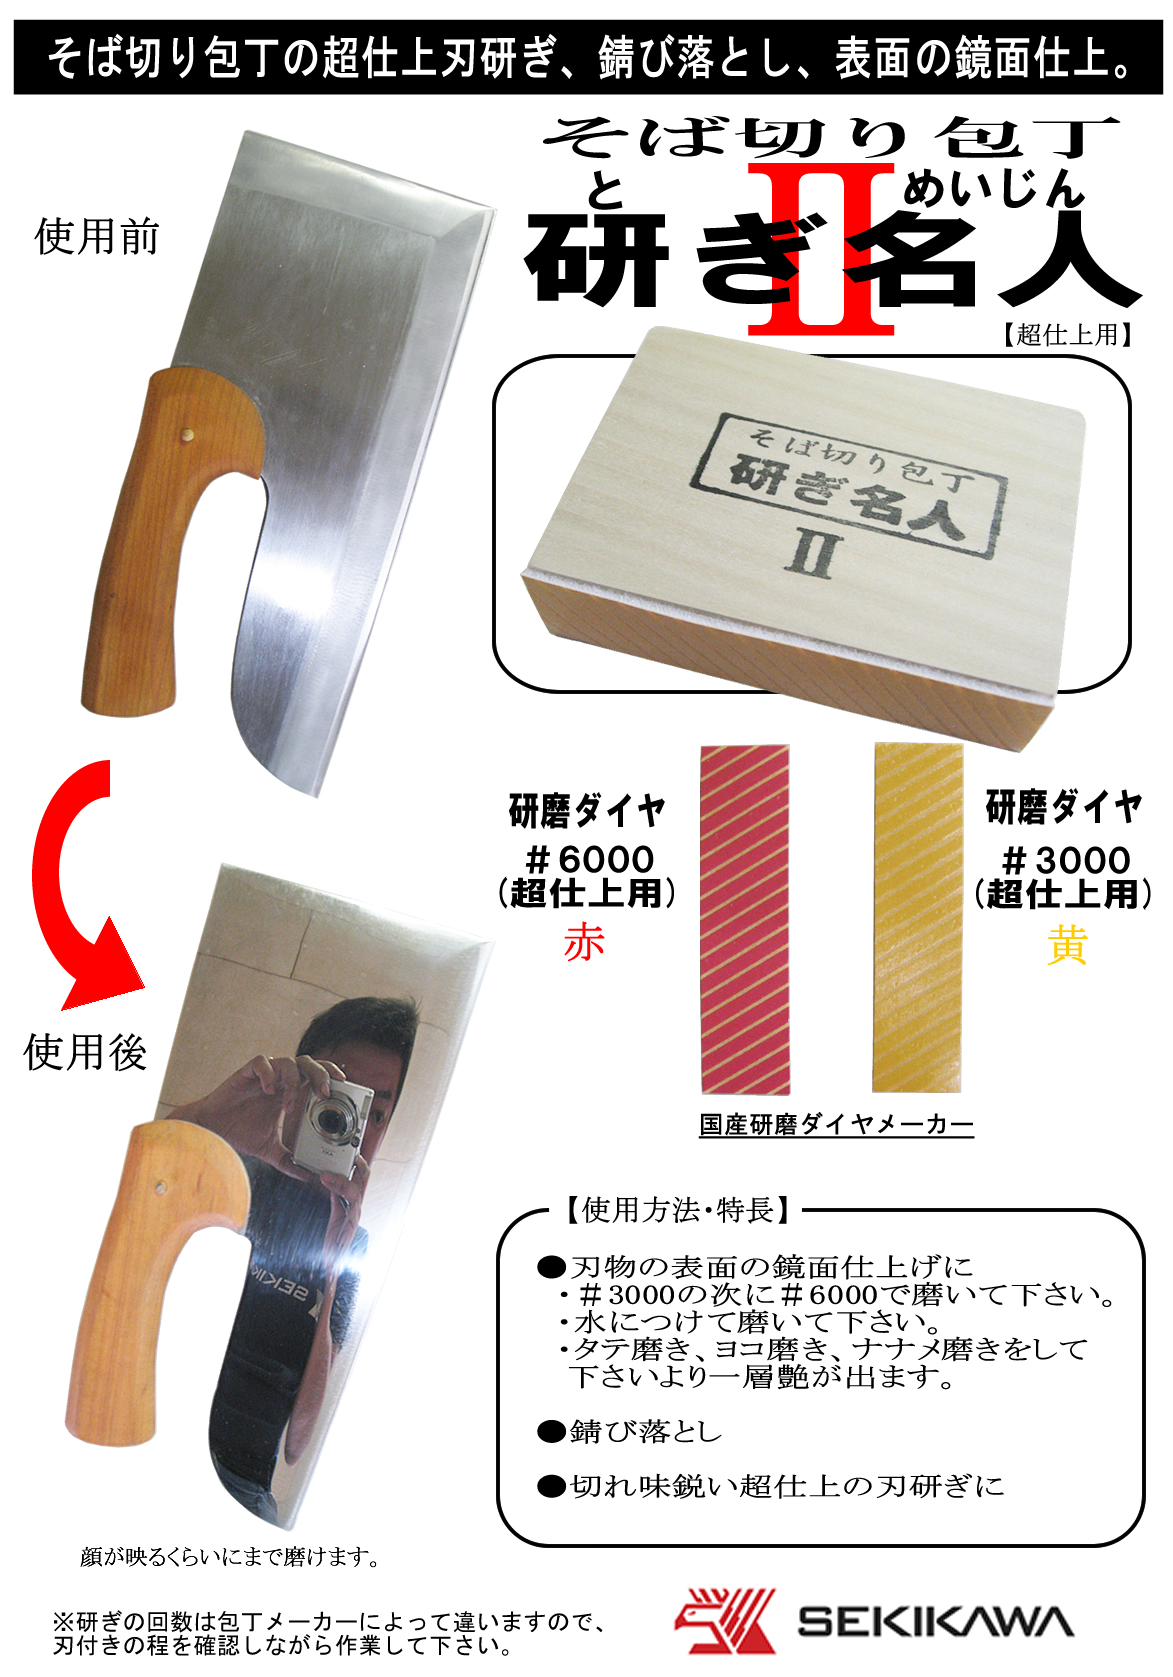 研ぎ 出刃 方 の 包丁